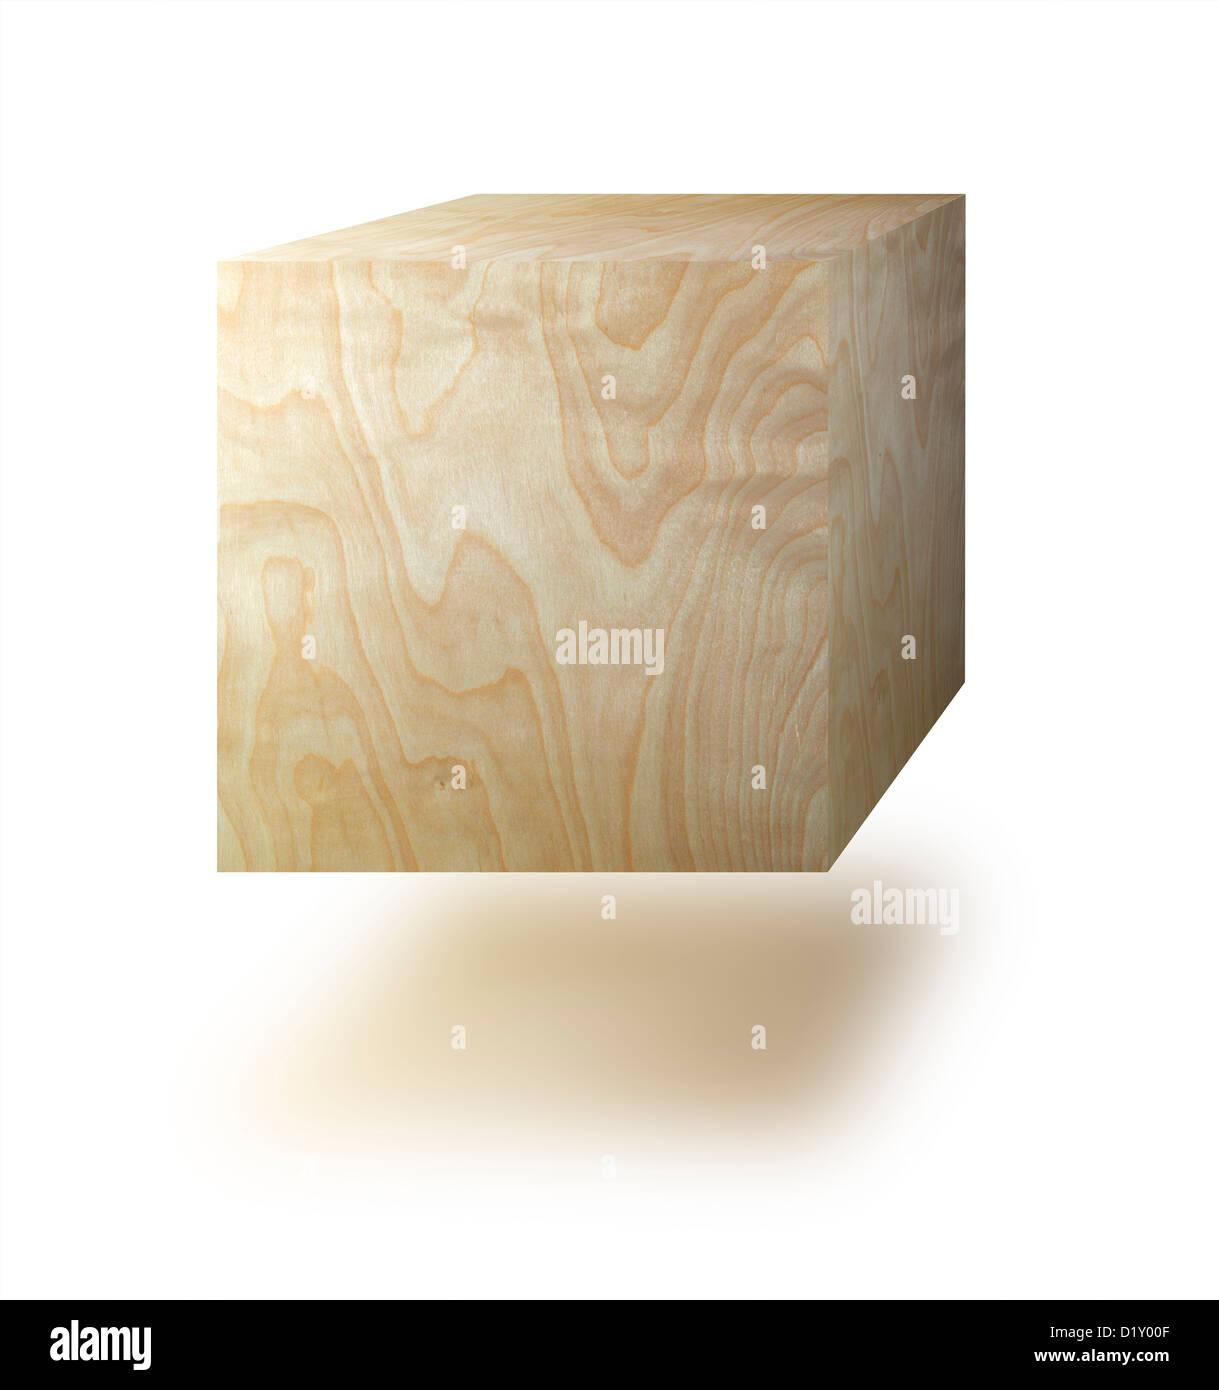 Würfel aus Holz vor einem weißen Hintergrund Stockbild